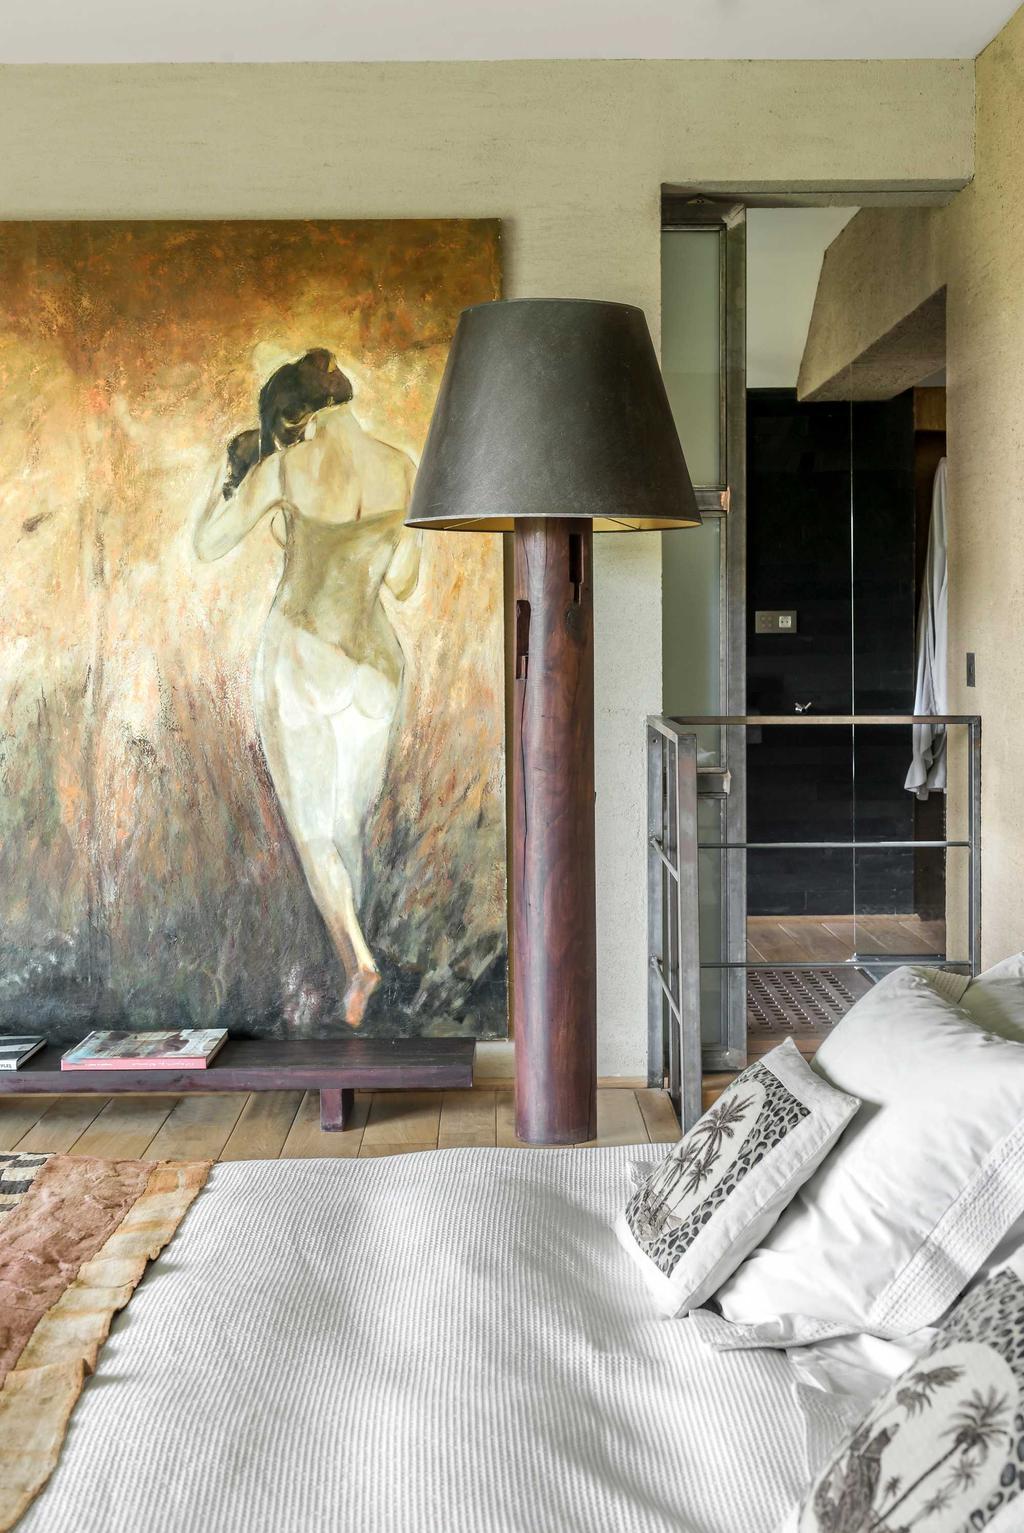 slaapkamer schilderij hoeve